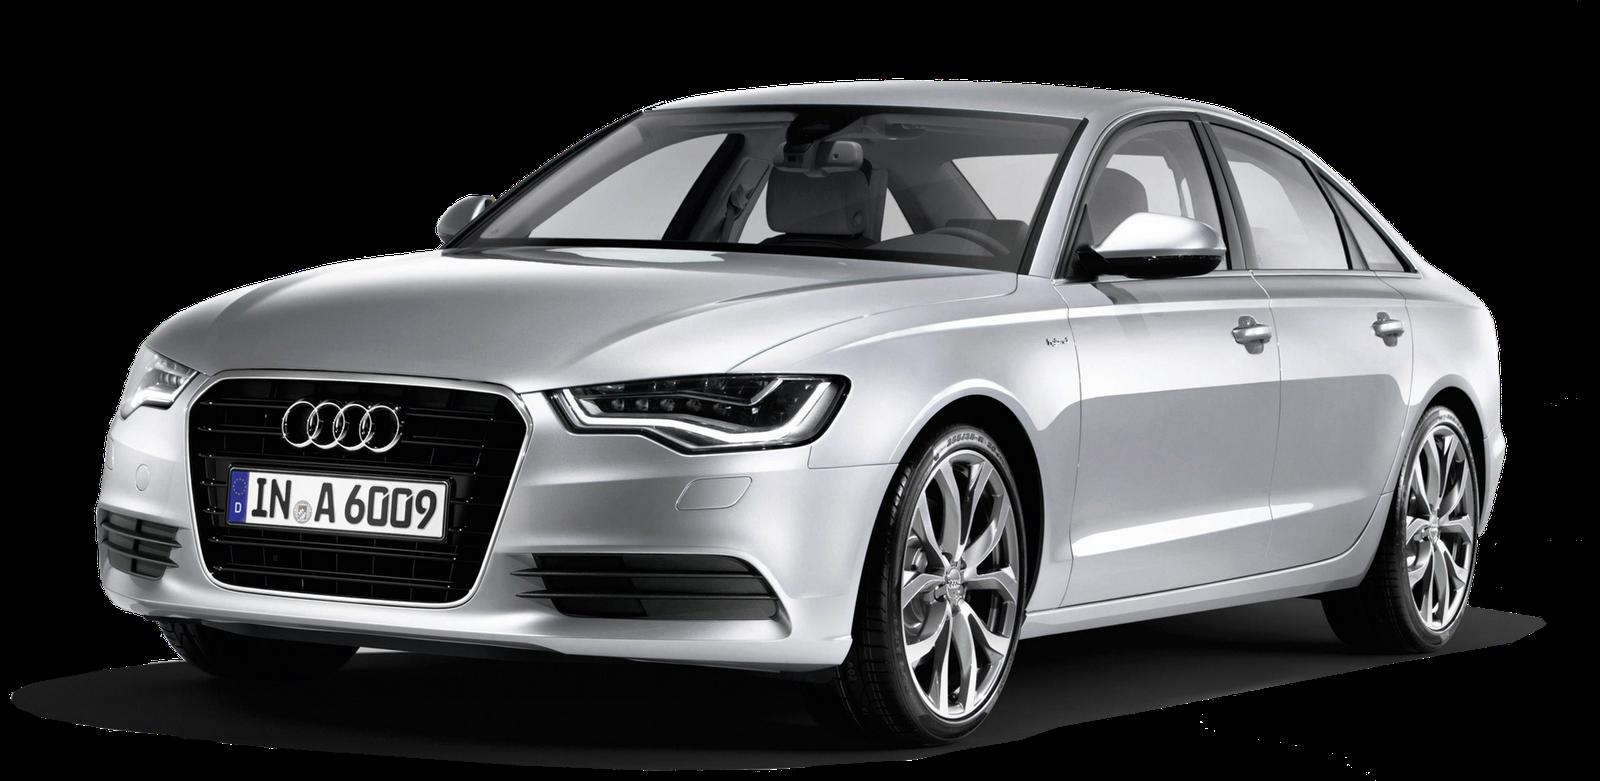 Audi PNG Image.